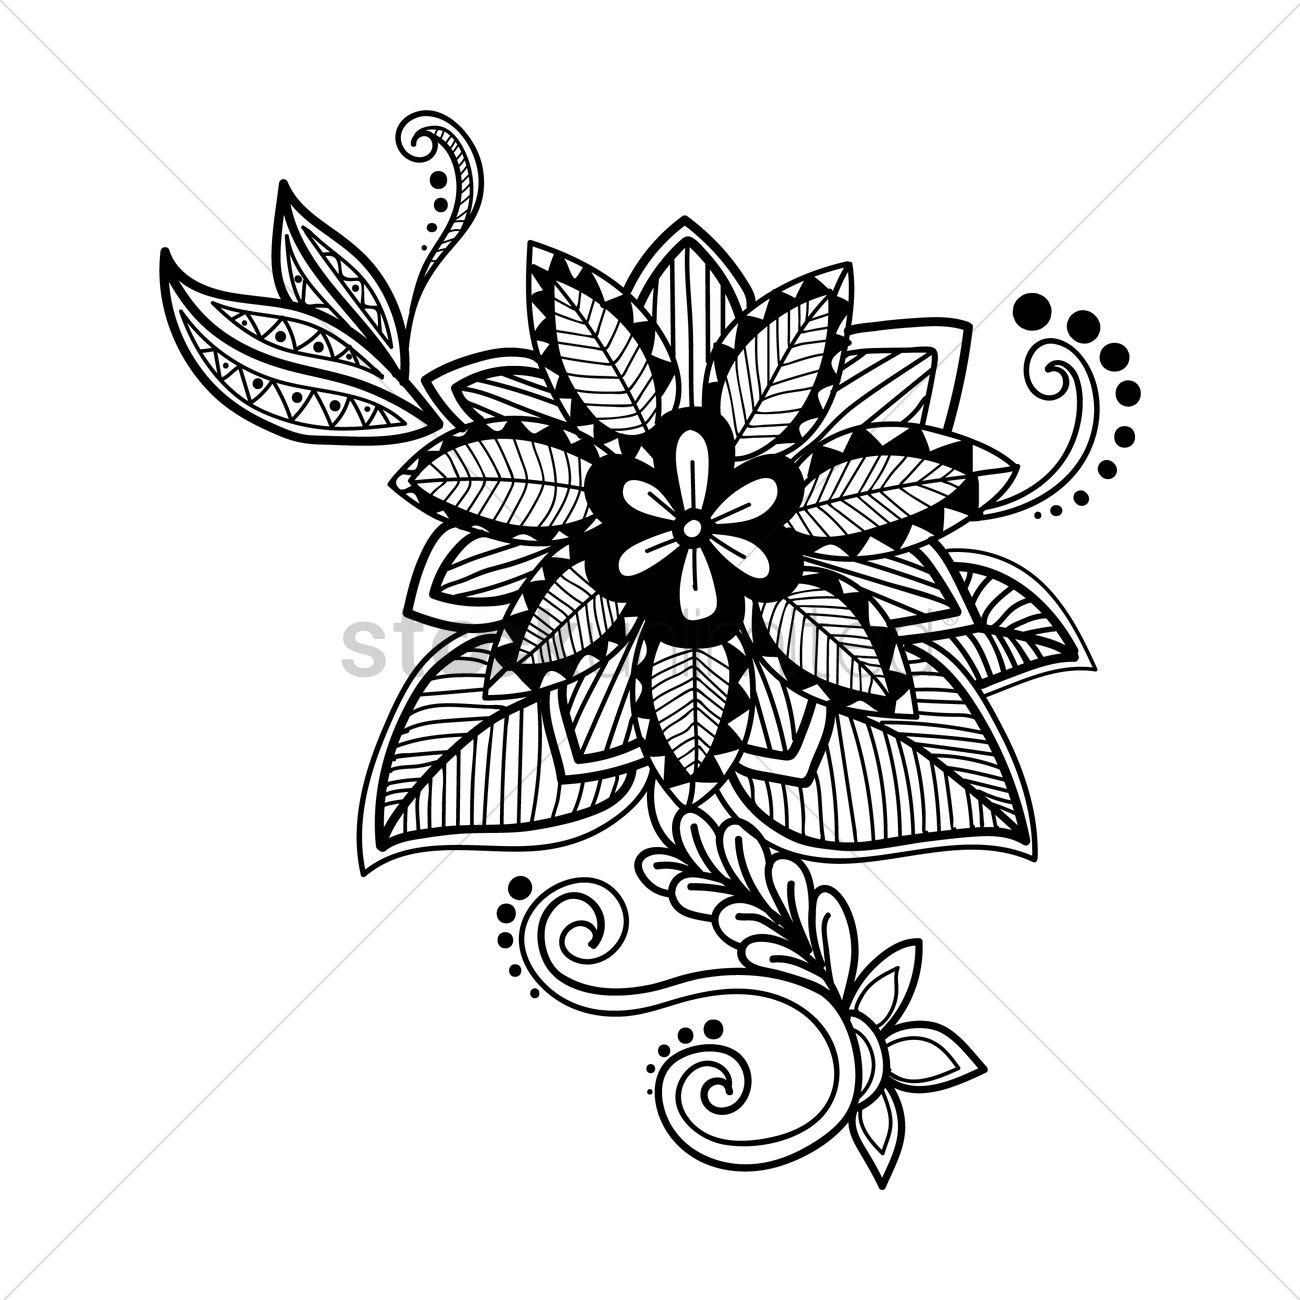 Colour Line Art Design : Decorative flower design vector image